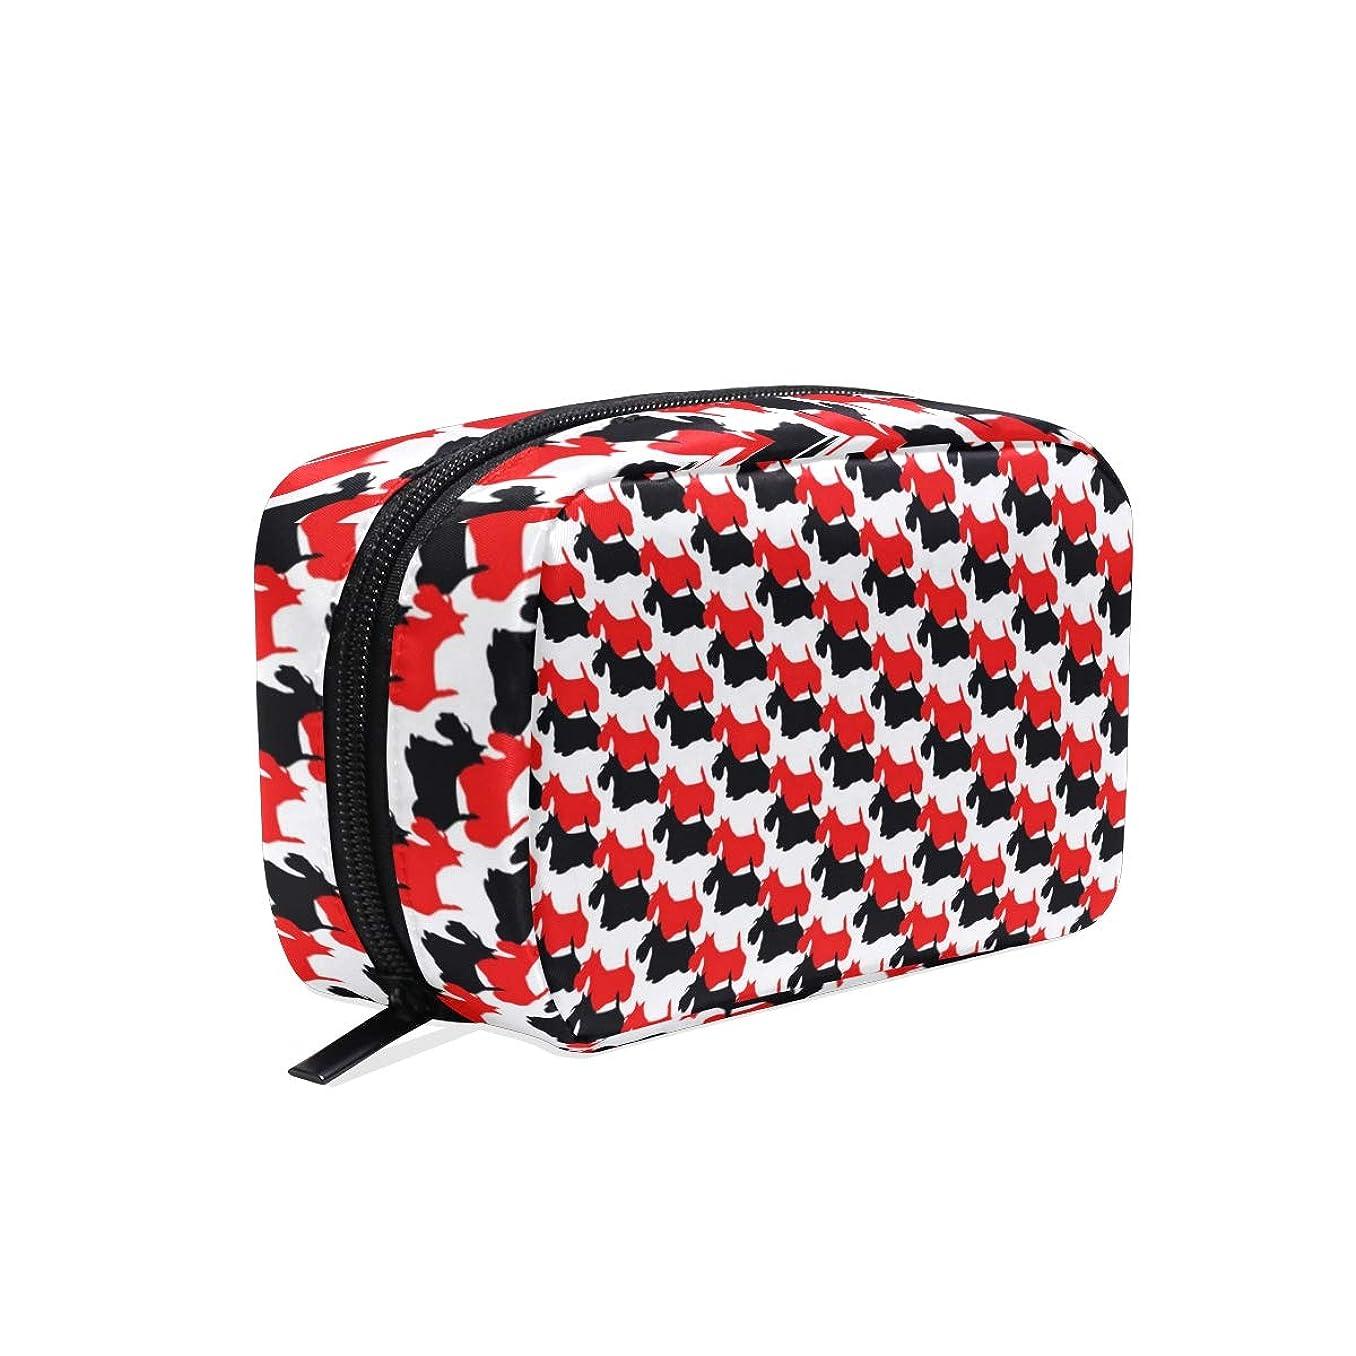 赤く黒いスコッチテリア犬パターン化粧ポーチ コスメポーチ メイクポーチ 使いやすい 機能的 小さめ コンパクト 化粧 ポーチ 便利グッズ キレイめ 小物入れ 旅行 トラベル